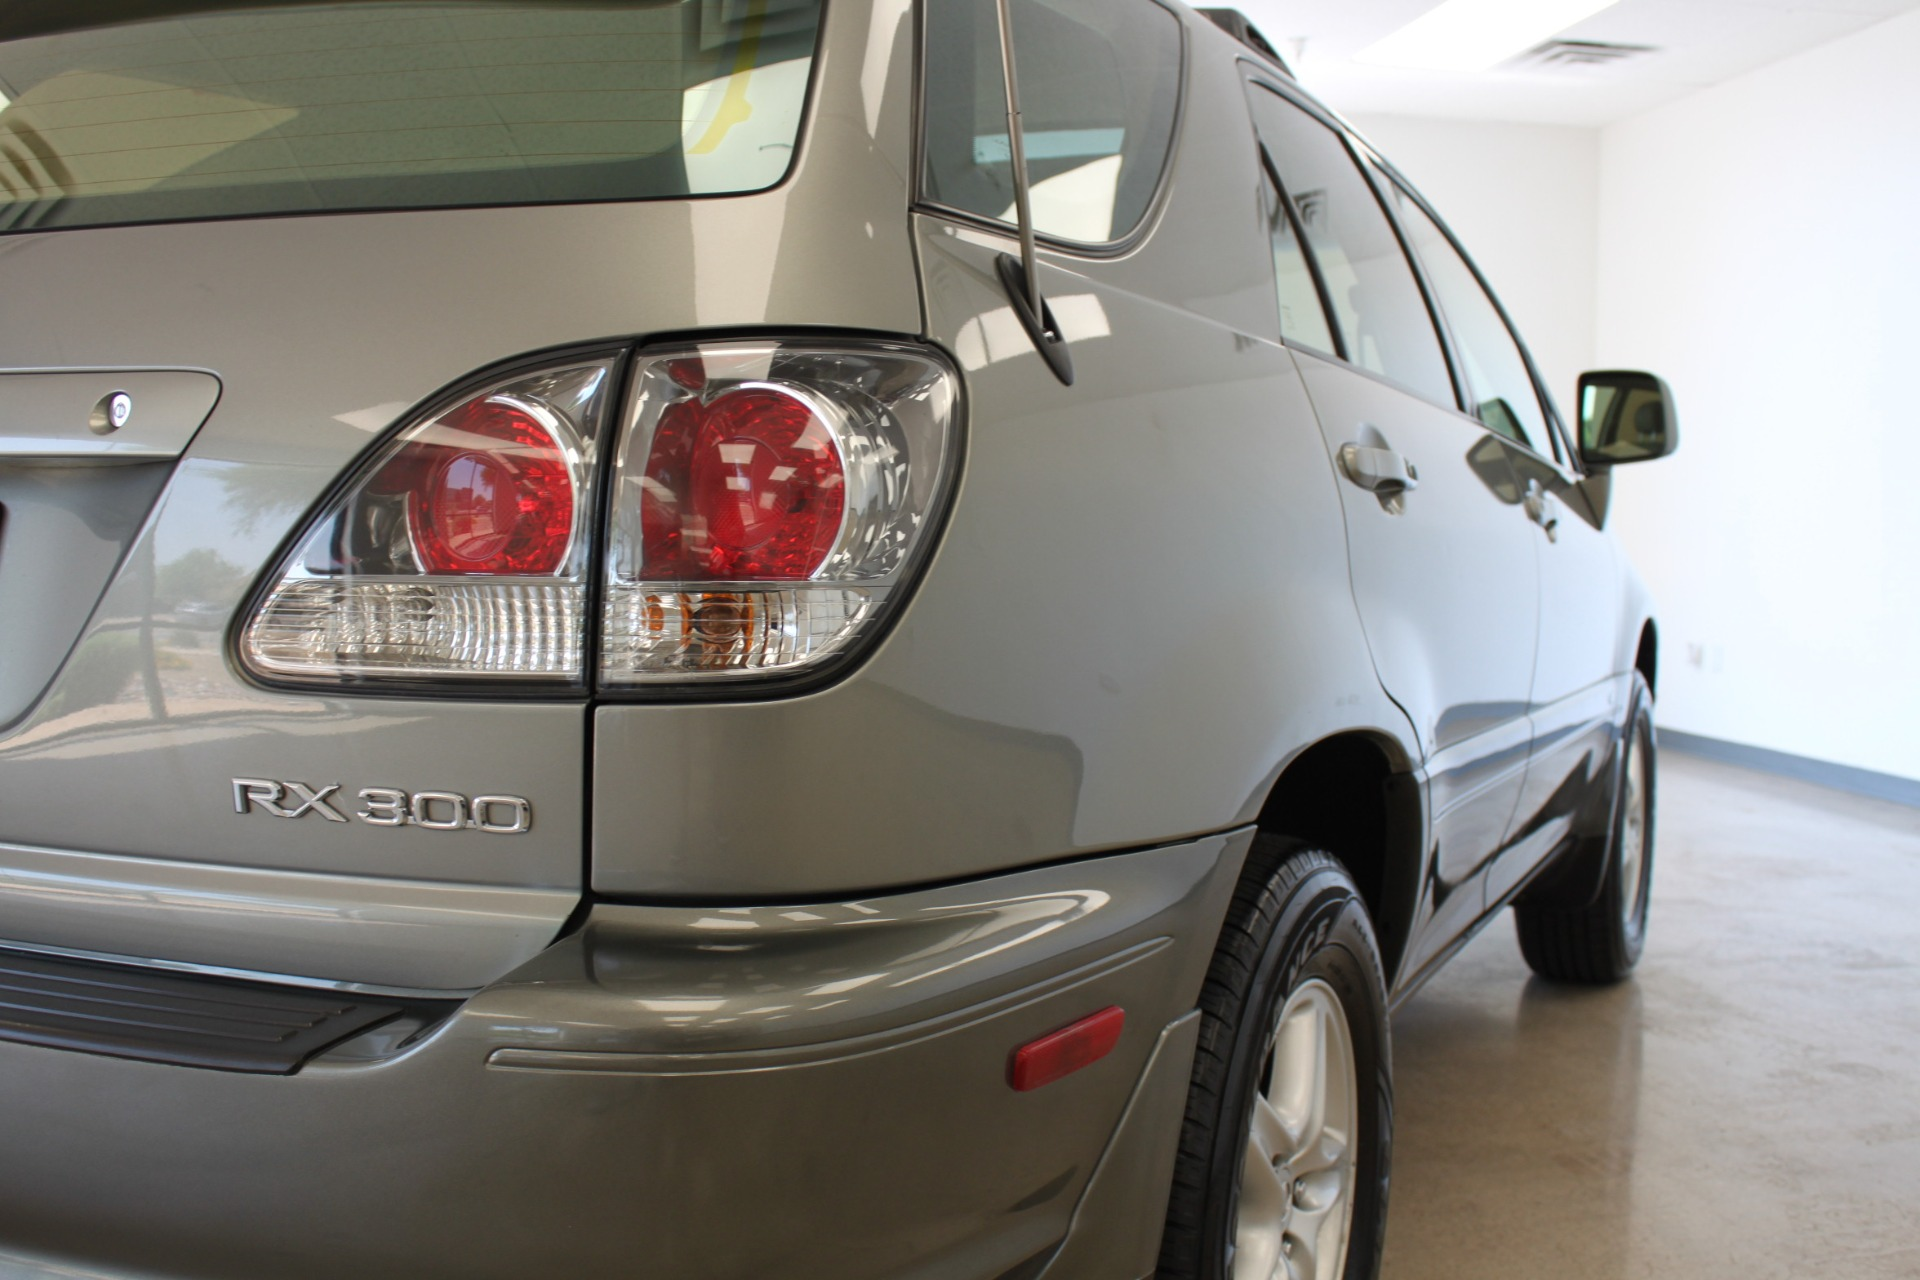 Used-2002-Lexus-RX-300-Honda